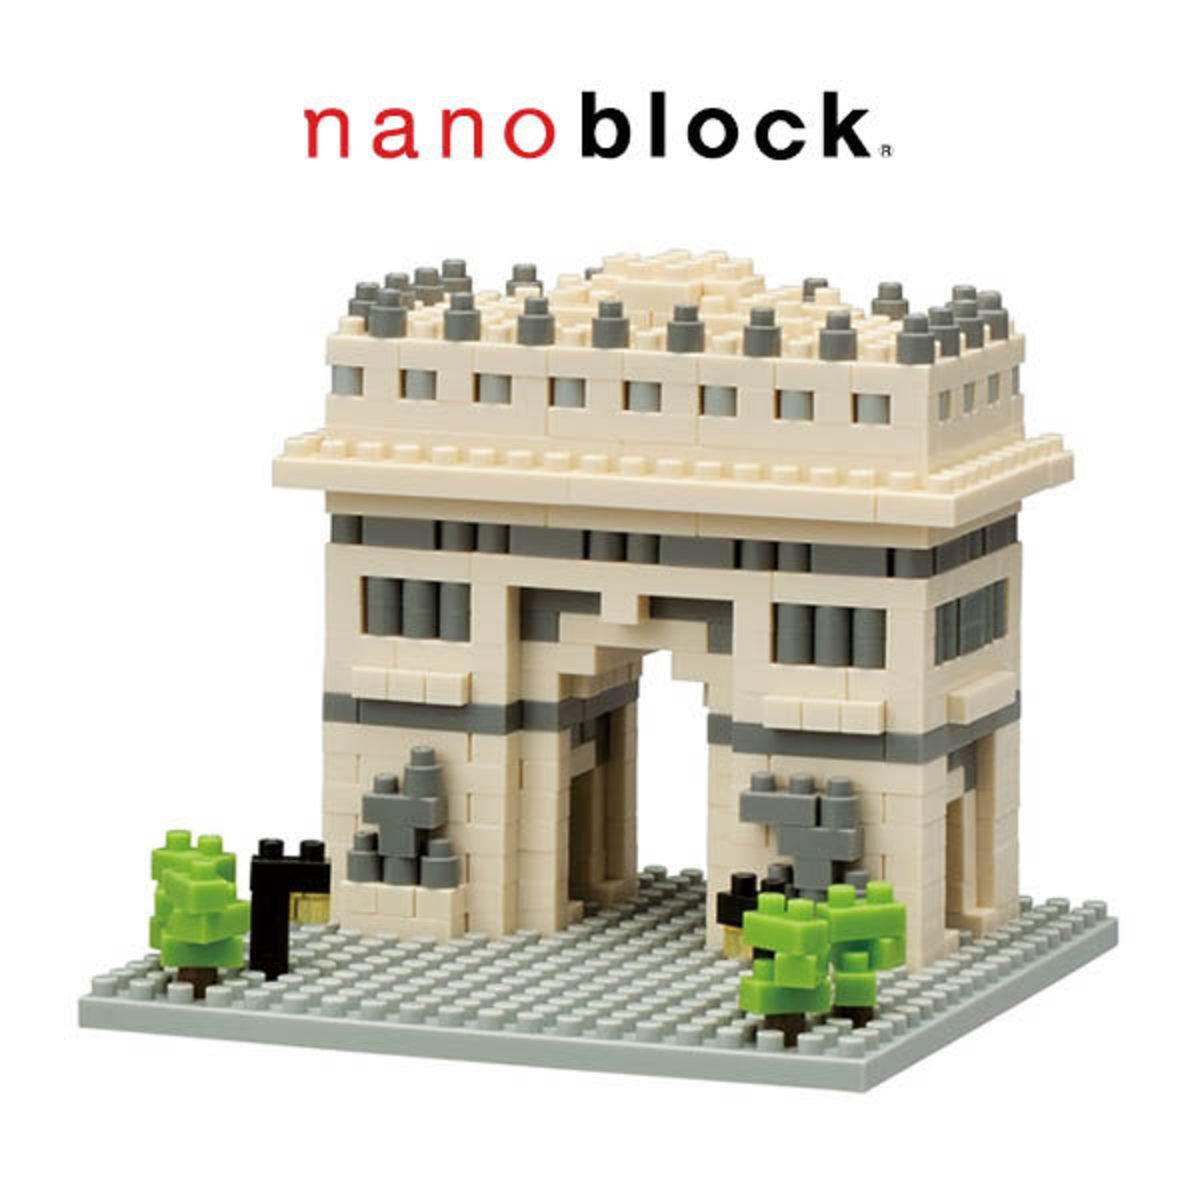 日本河田積木 Nanoblock系列 NBH-075 法國巴黎凱旋門